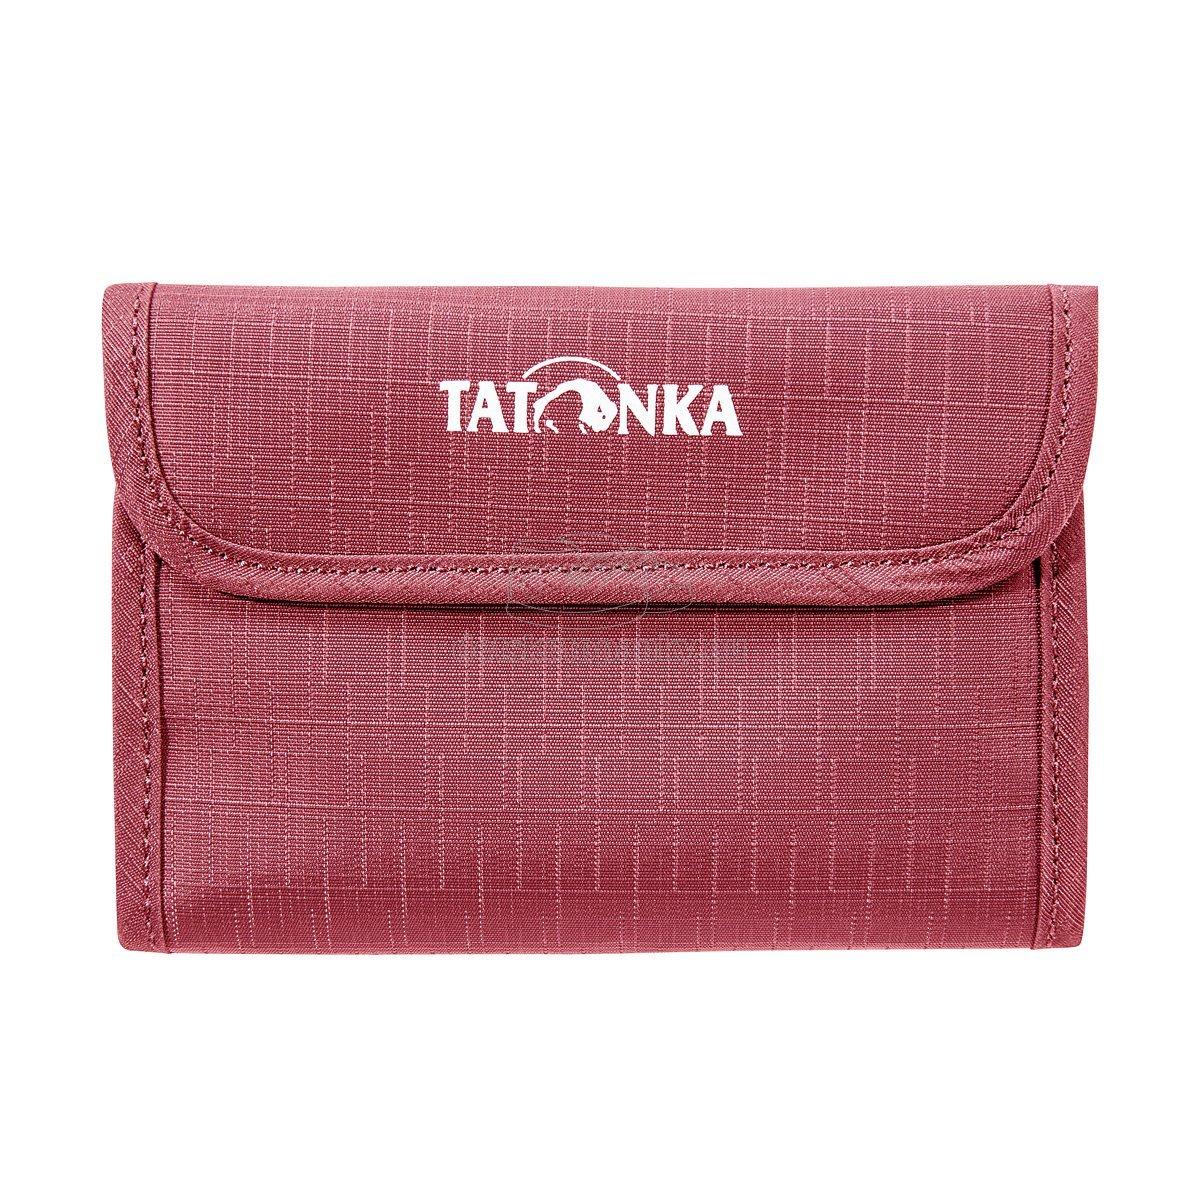 Tatonka Money Box (bordeaux red)